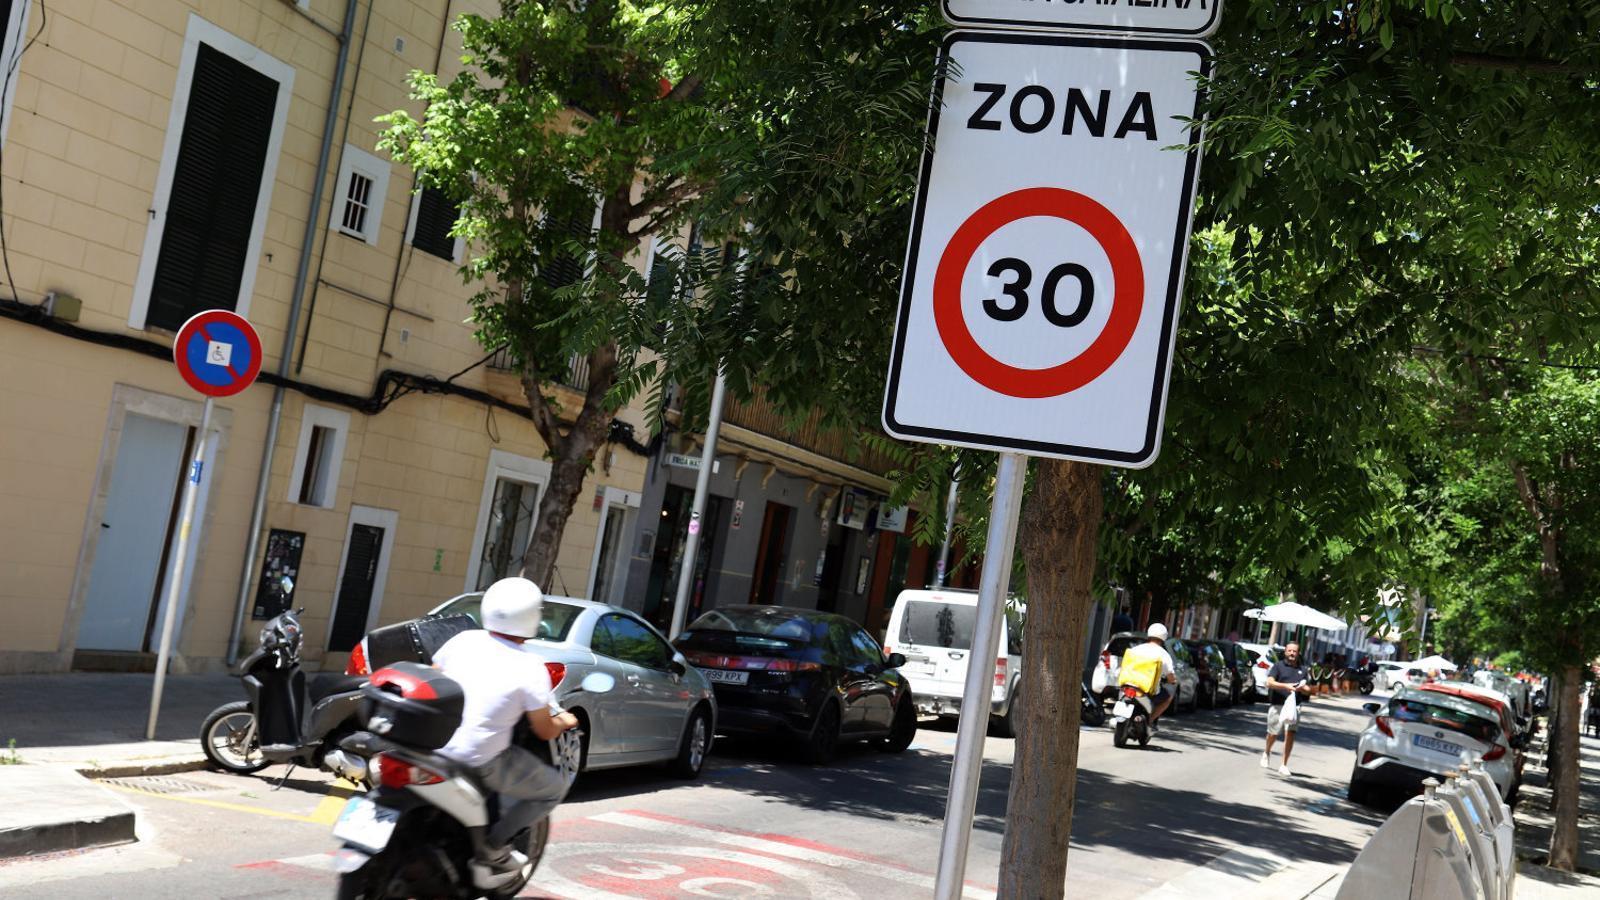 Palma aprofita la crisi  Del covid-19 per impulsar La mobilitat sostenible